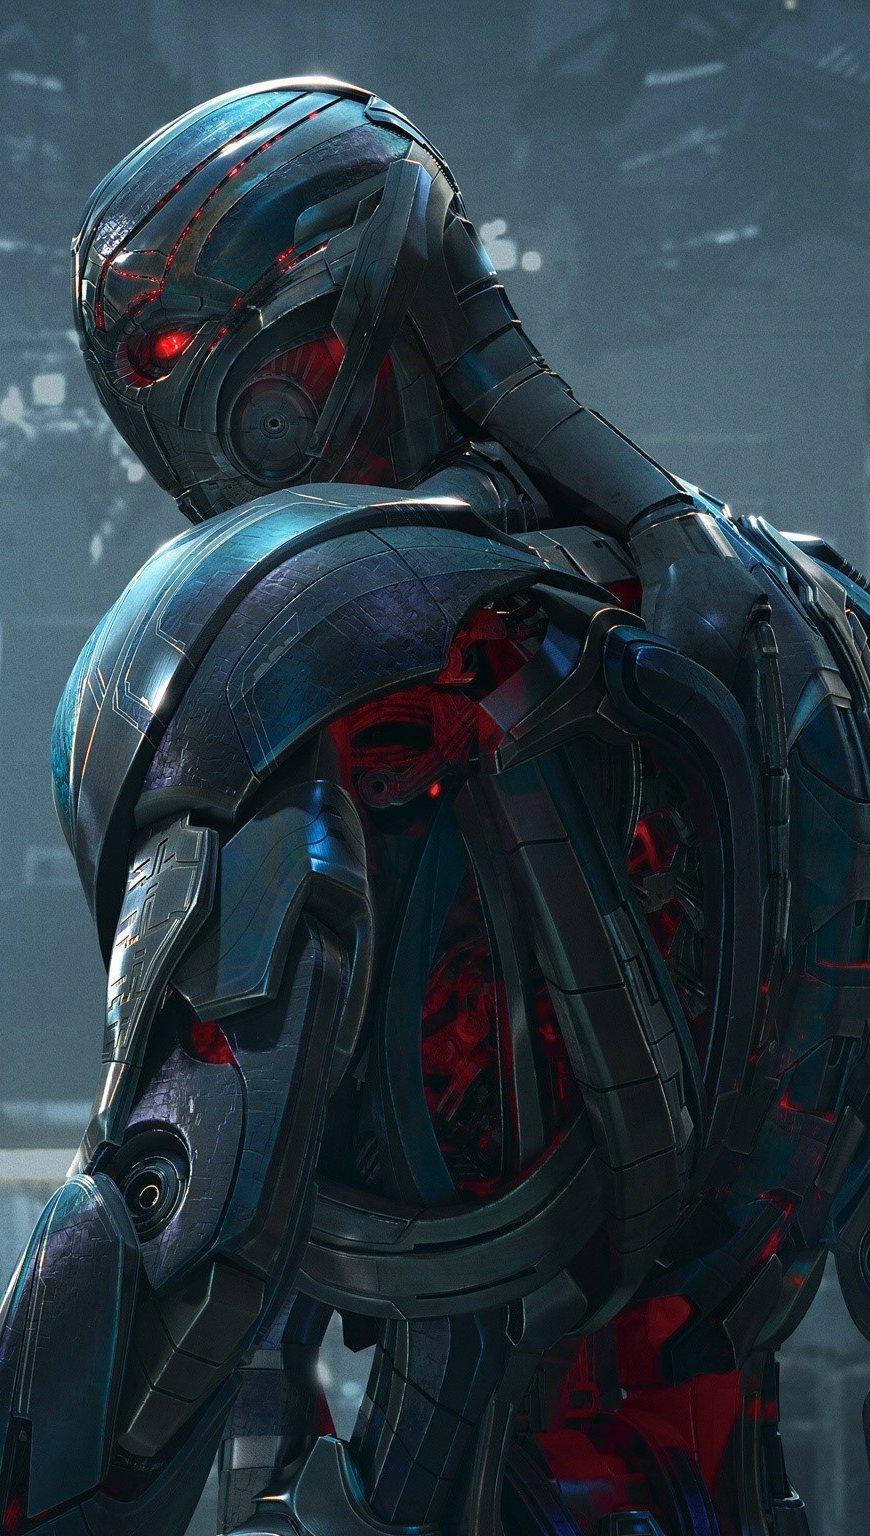 Fondos de pantalla Ultron en Avengers Vertical